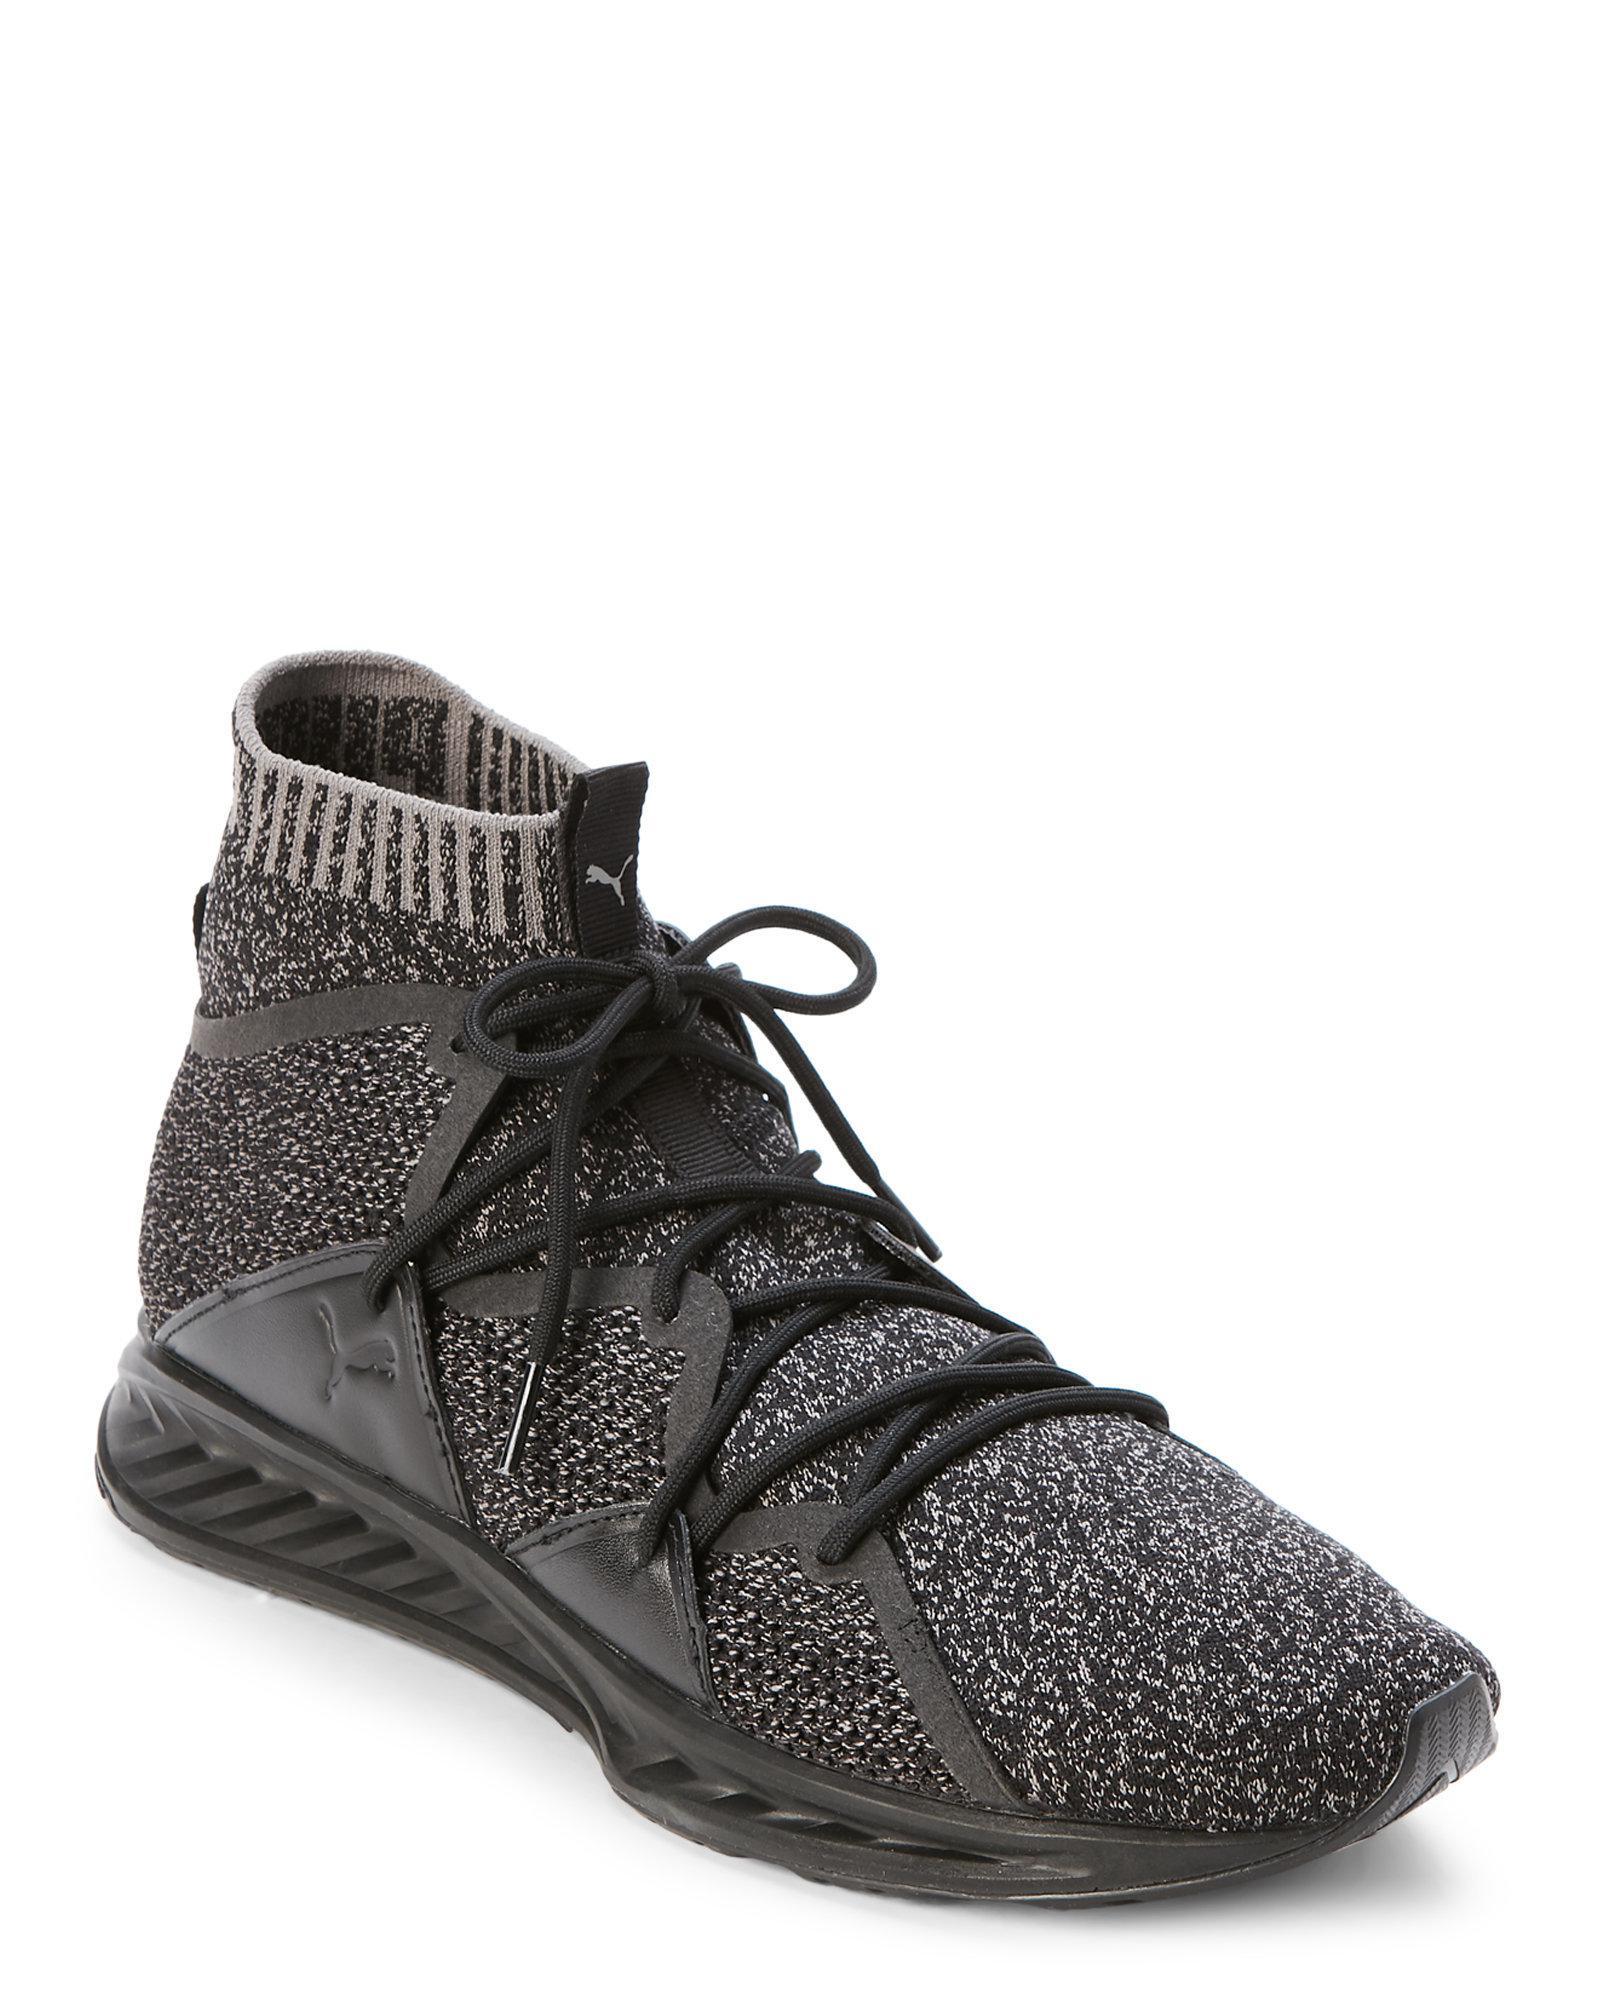 newest collection 937ad 3e92e PUMA Gray Black & Grey Ignite Wave Evoknit Sneakers for men